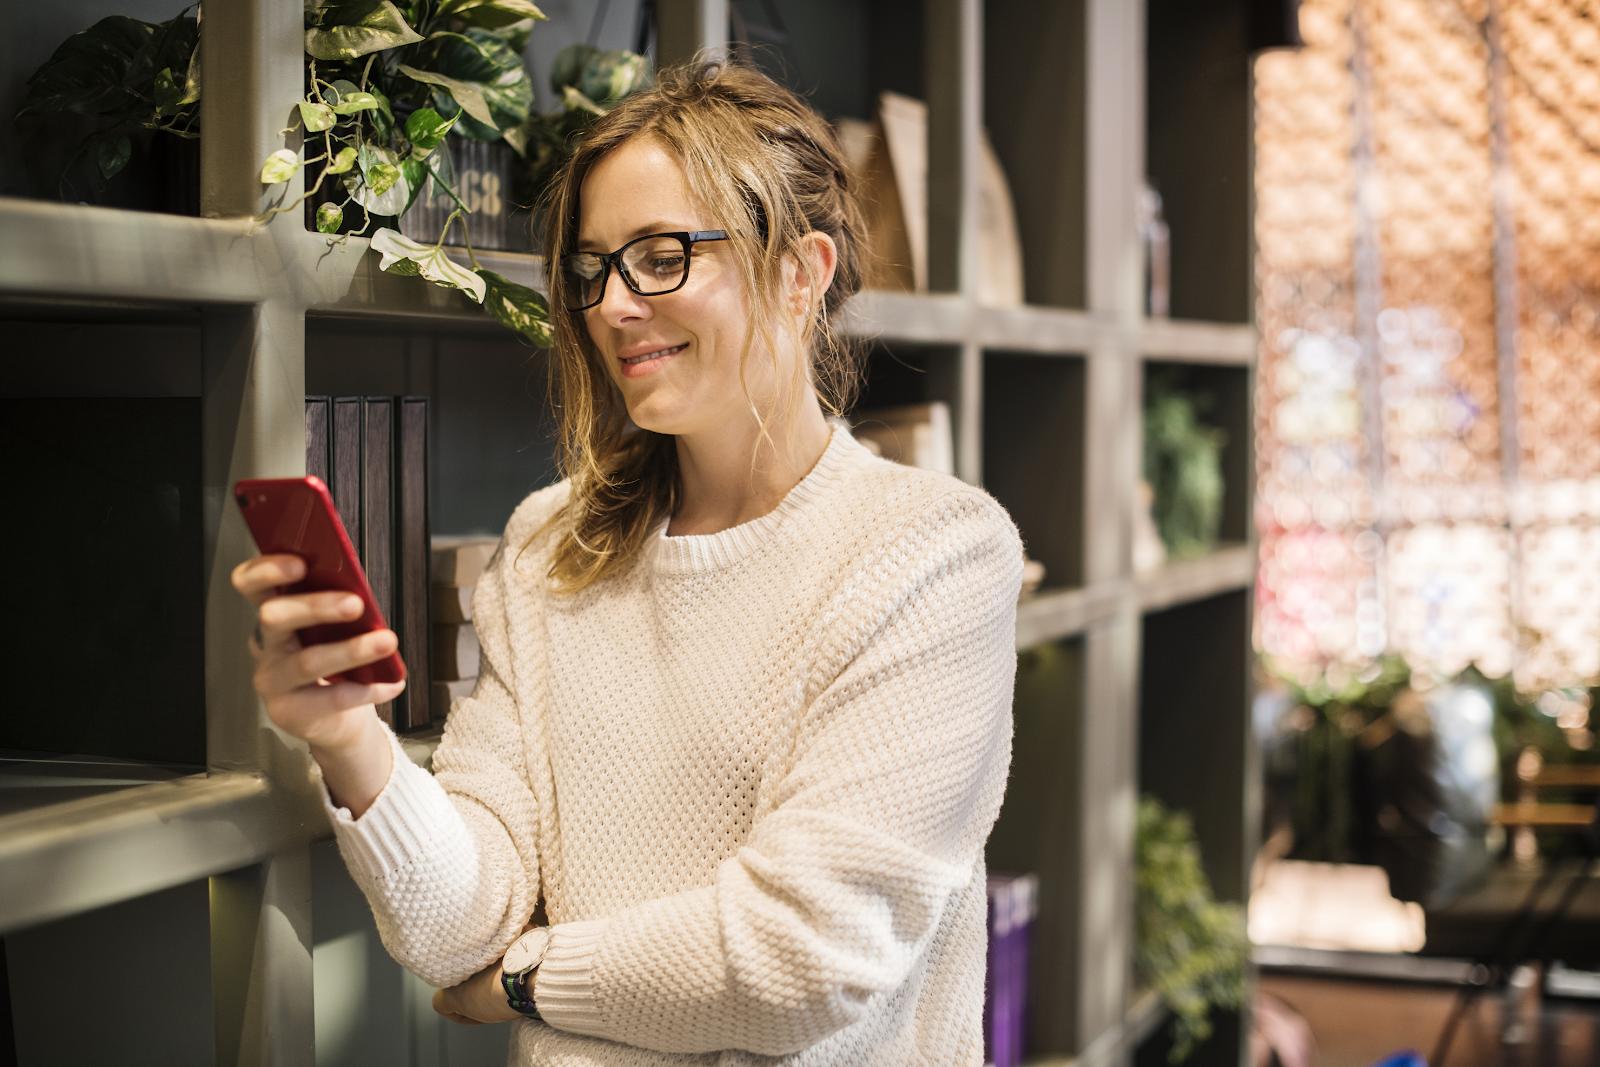 Augmenter votre visibilite1 - Augmenter votre visibilité sur les réseaux sociaux grâce à une agence digitale